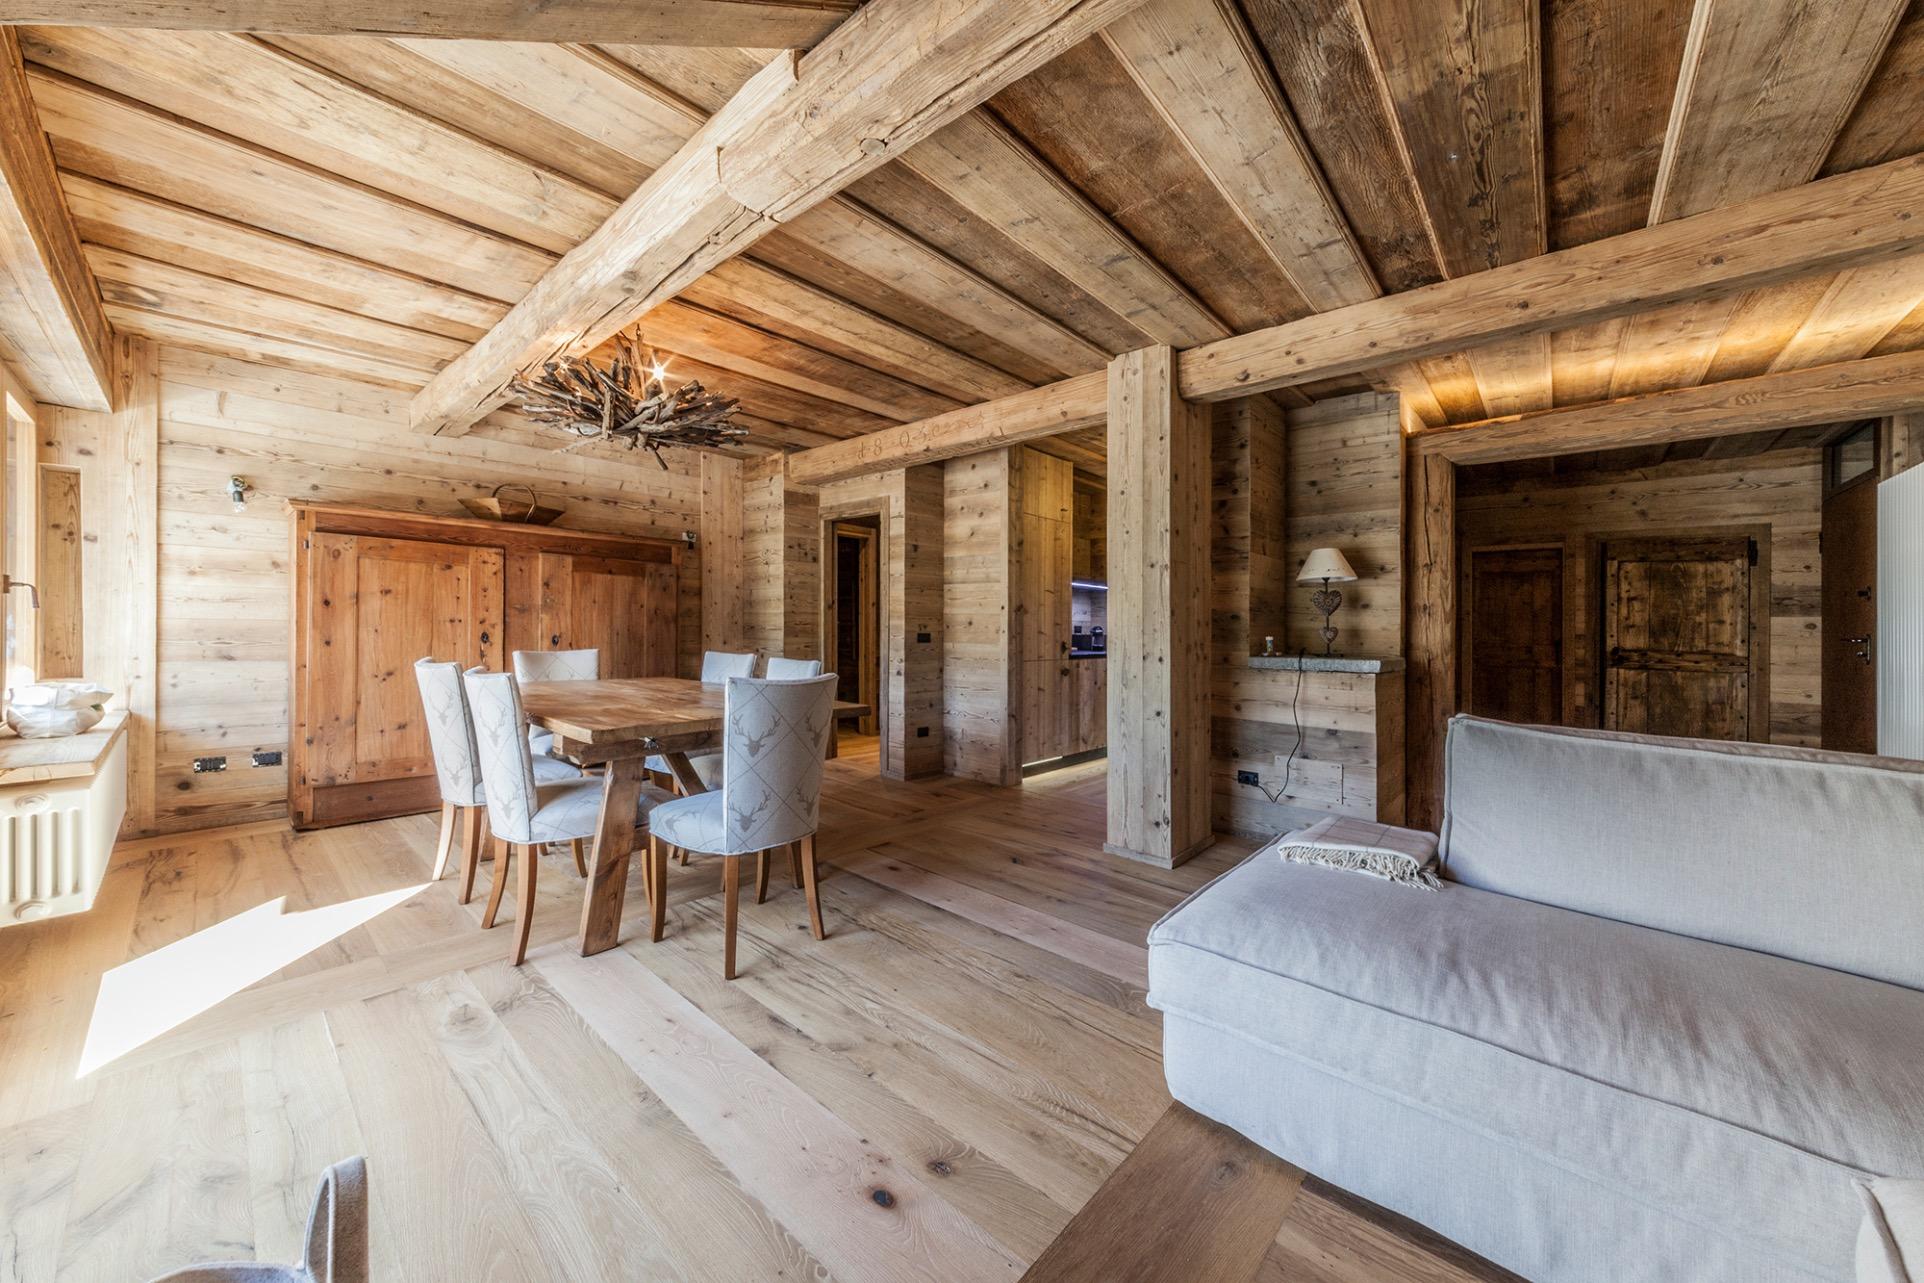 Lampadario Soffitto Tetto Legno ~ Ispirazione design casa